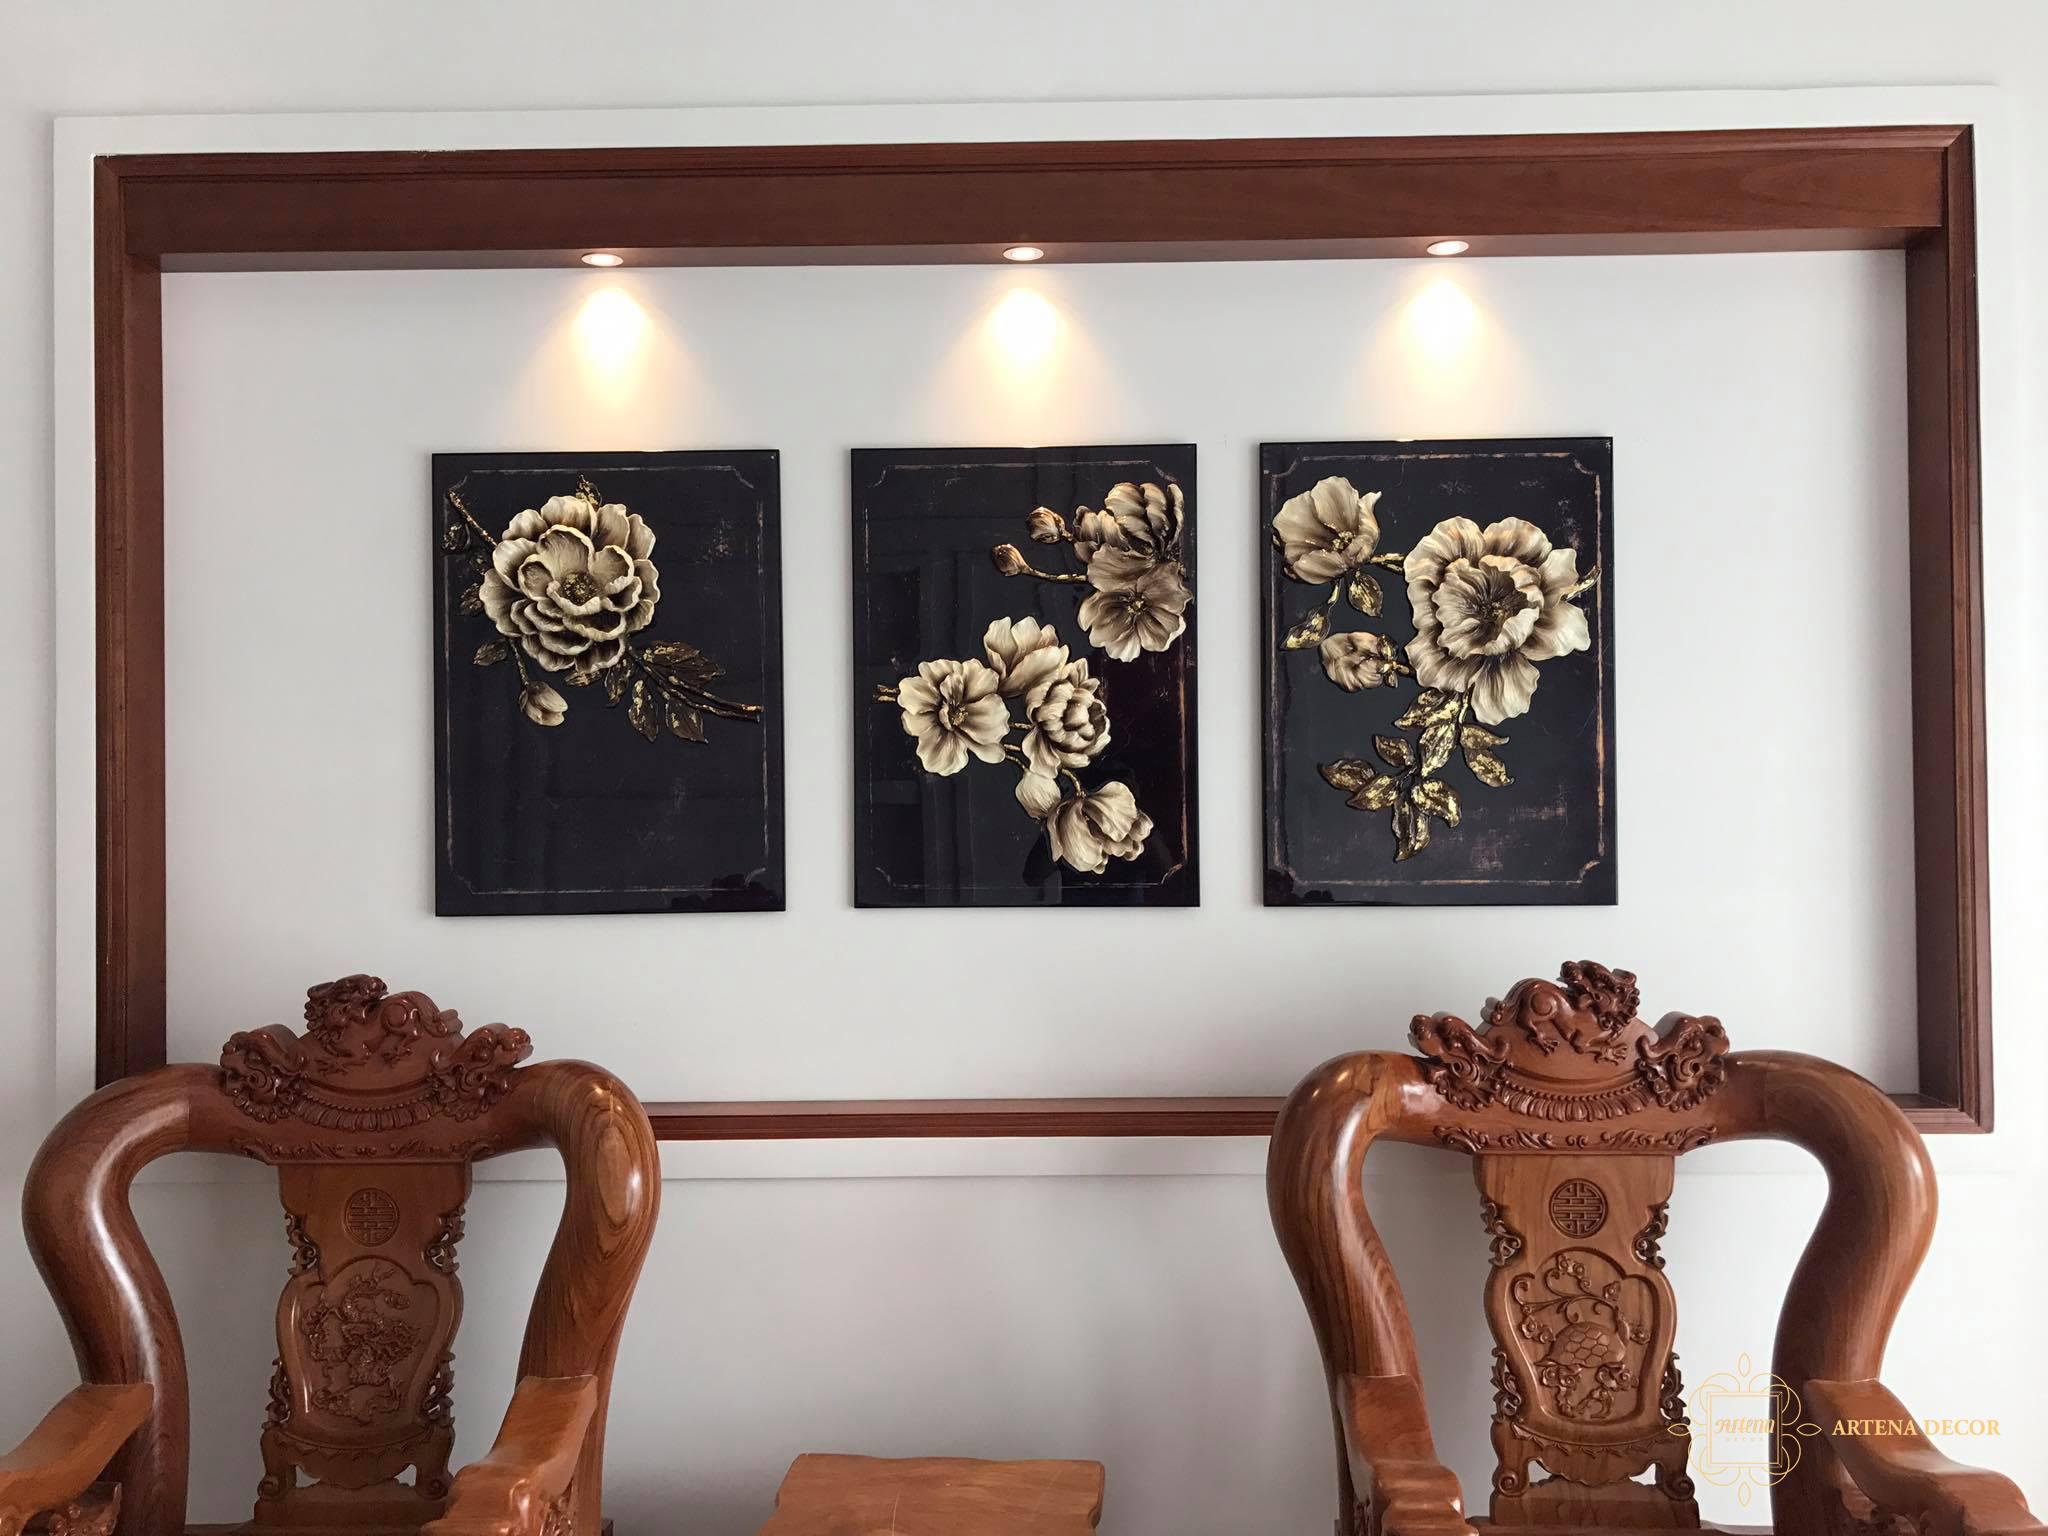 Những bức tranh hiện đại sẽ rất phù hợp với đèn treo có thiết kế độc đáo với ánh sáng trắng